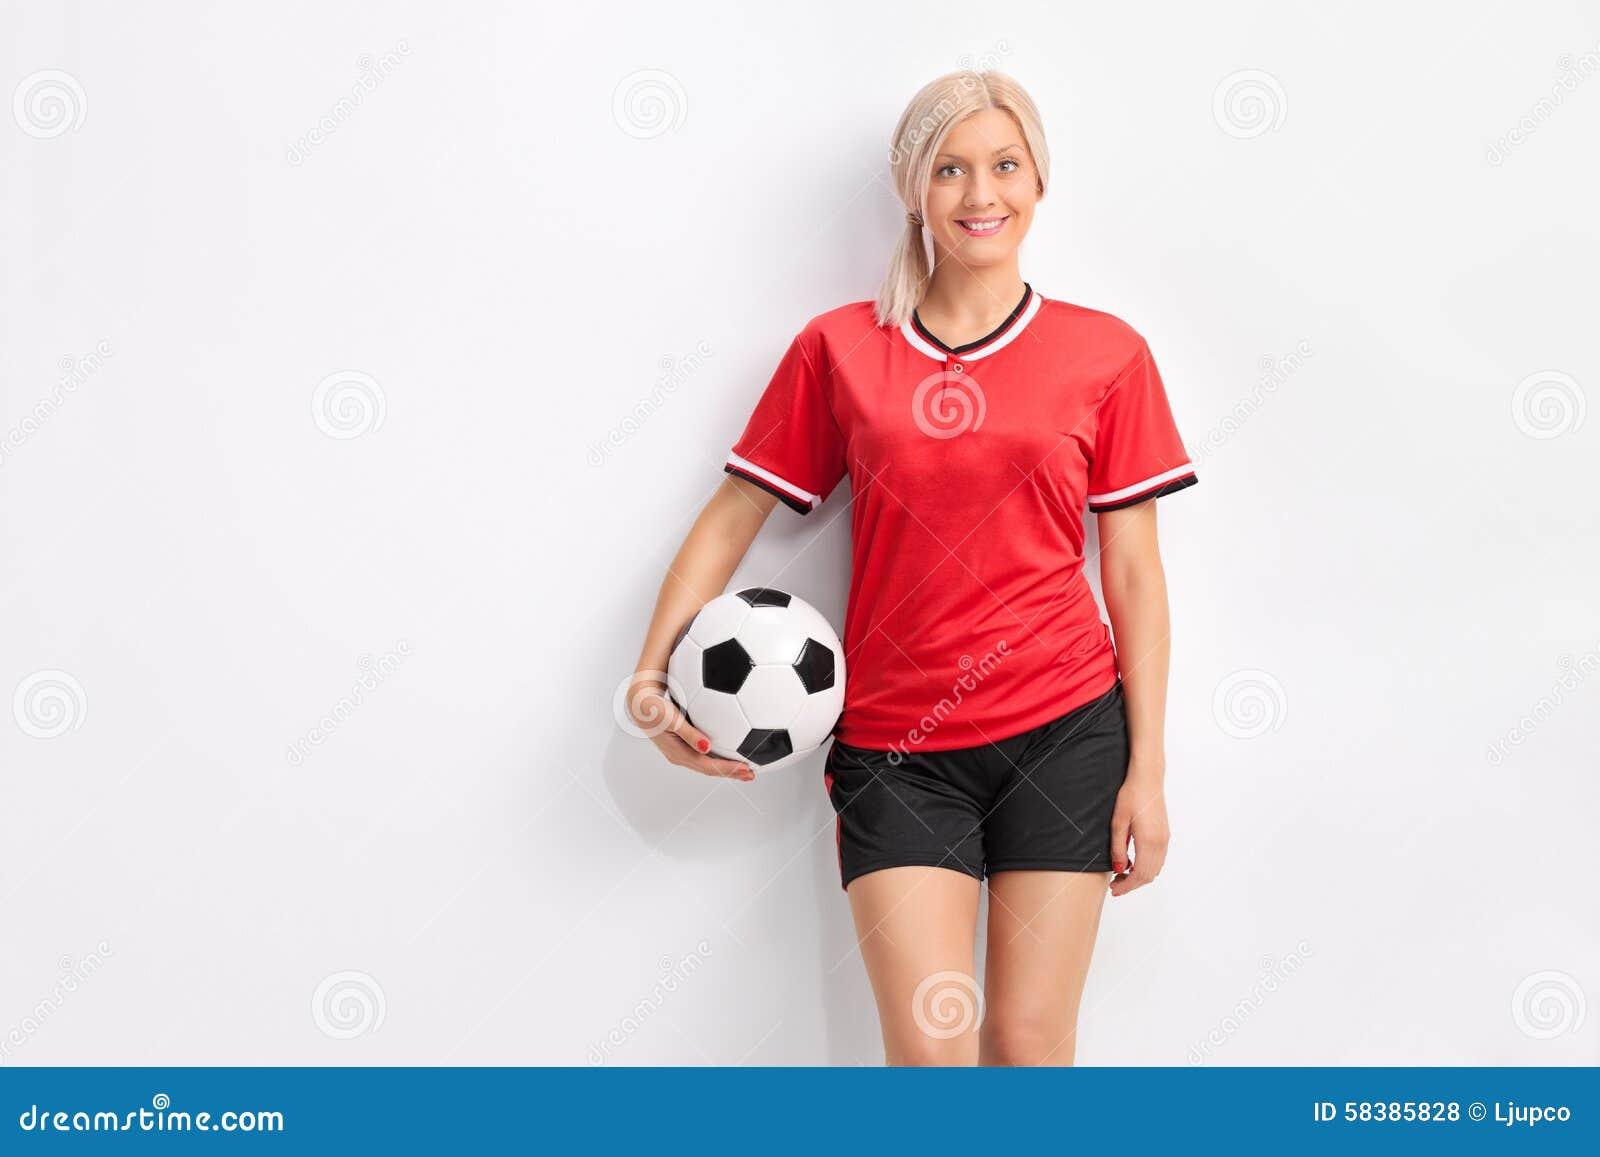 Junger weiblicher Fußballspieler in einem roten Trikot